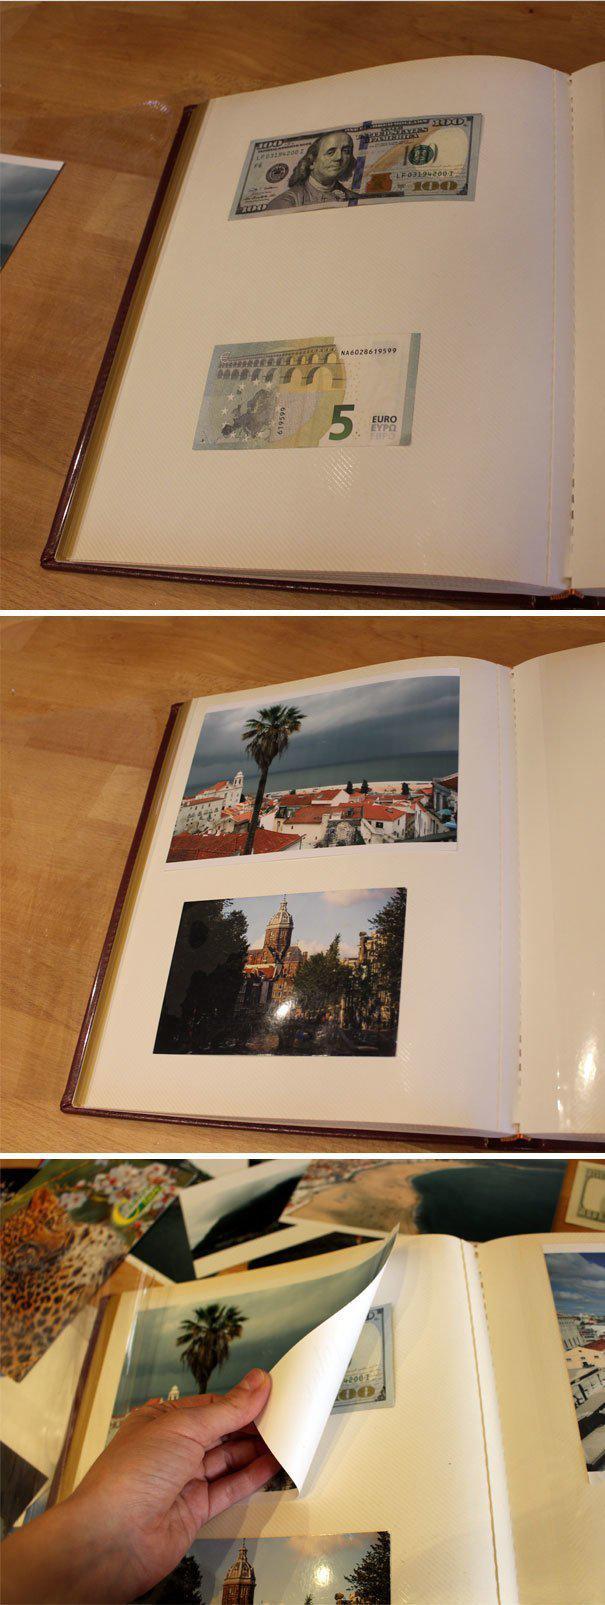 Магнитный фотоальбом - неплохой тайник для денег где спрятаться, забавно, неожиданно, познавательно, потайное место, секрет, тайна, тайник